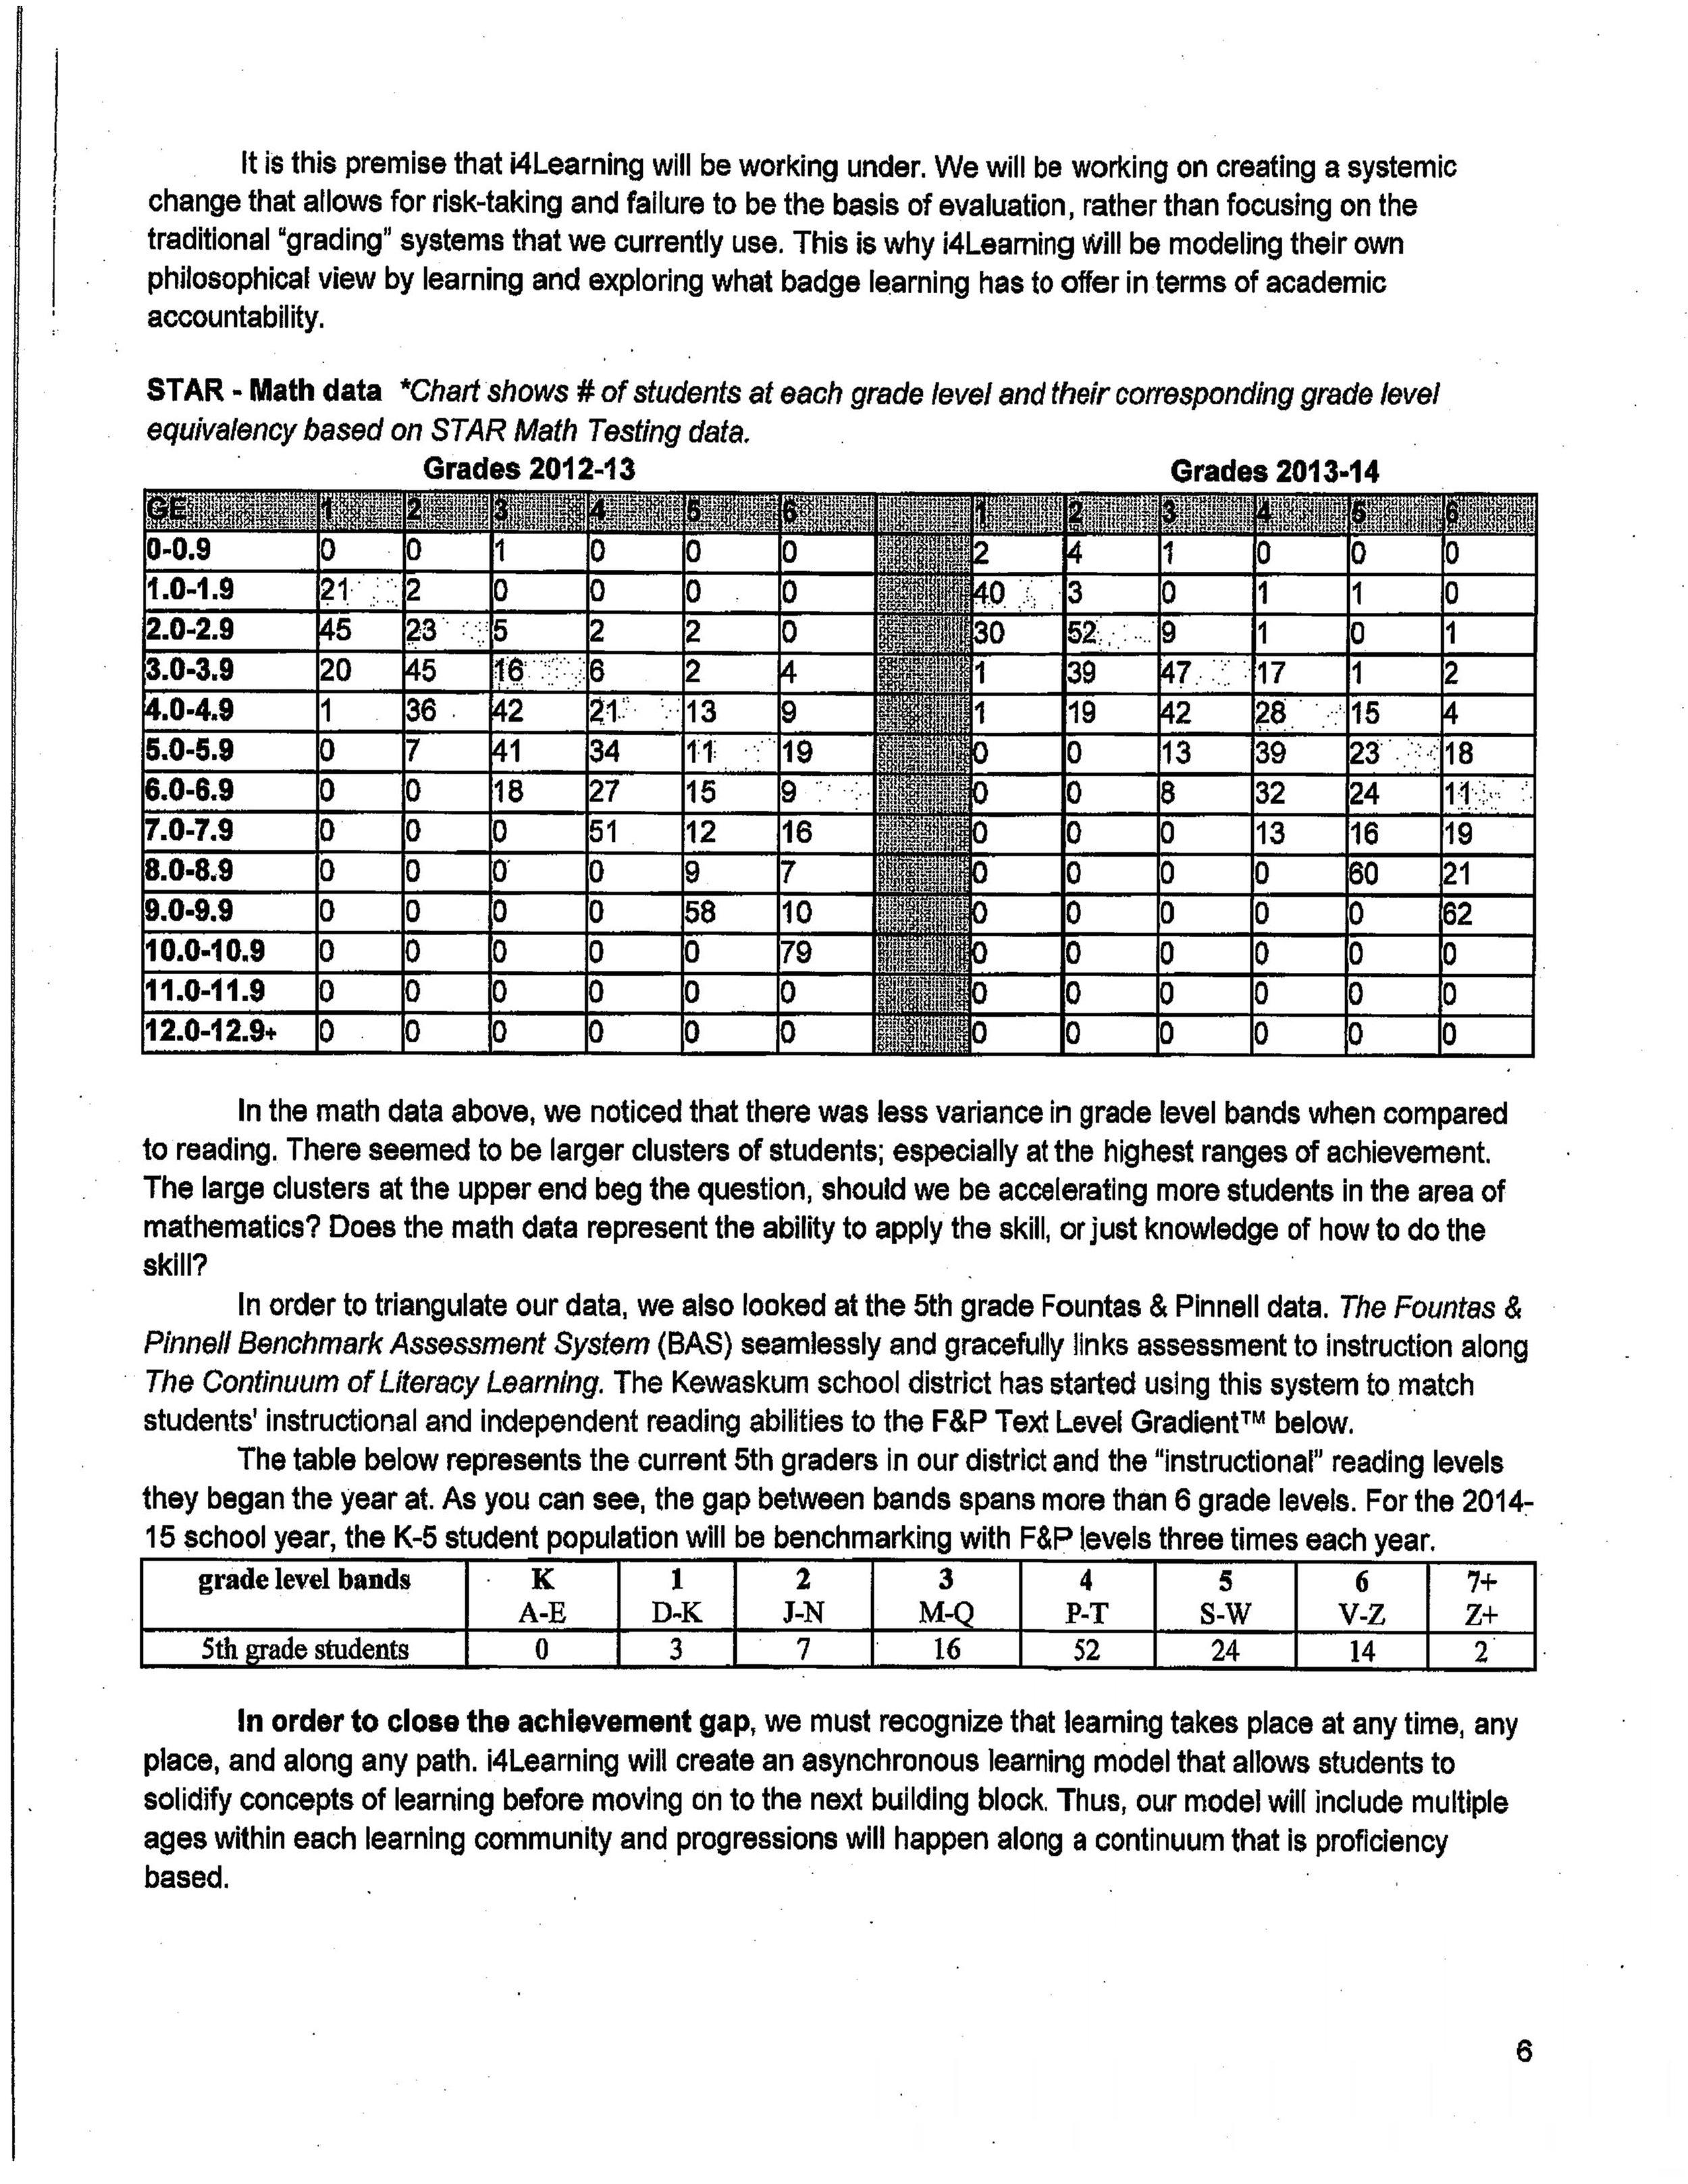 Planning Grant pg 16.jpg